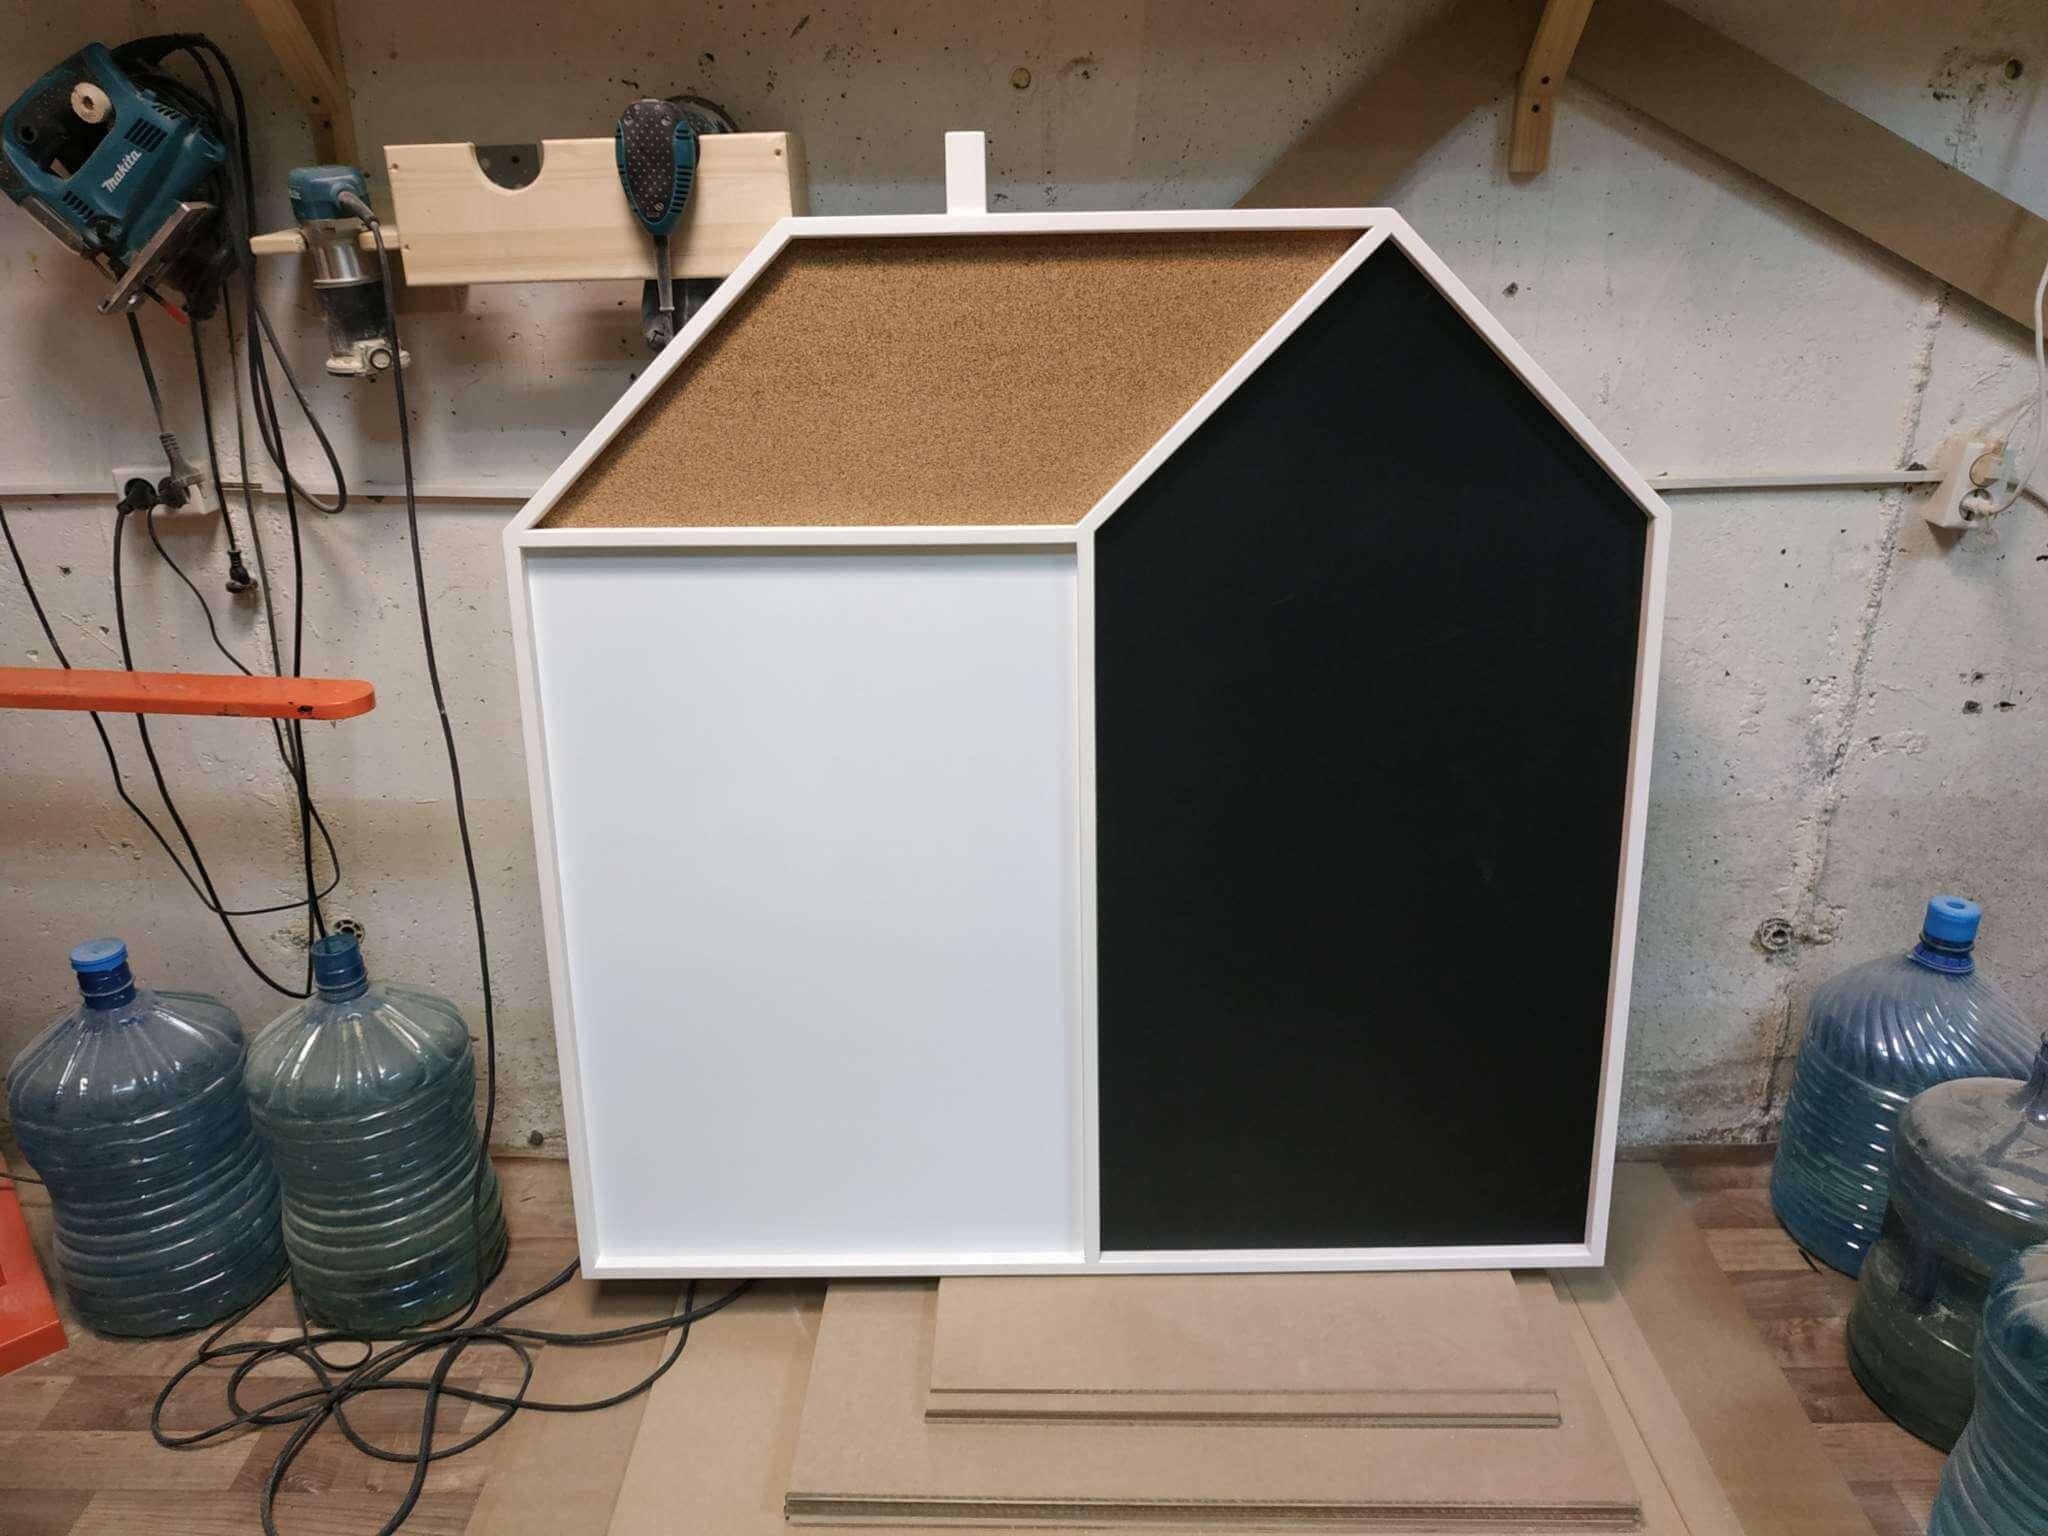 Магнитная доска домик с меловой маркерной и пробковой частями, 123х123см, 18т, В НАЛИЧИИ!